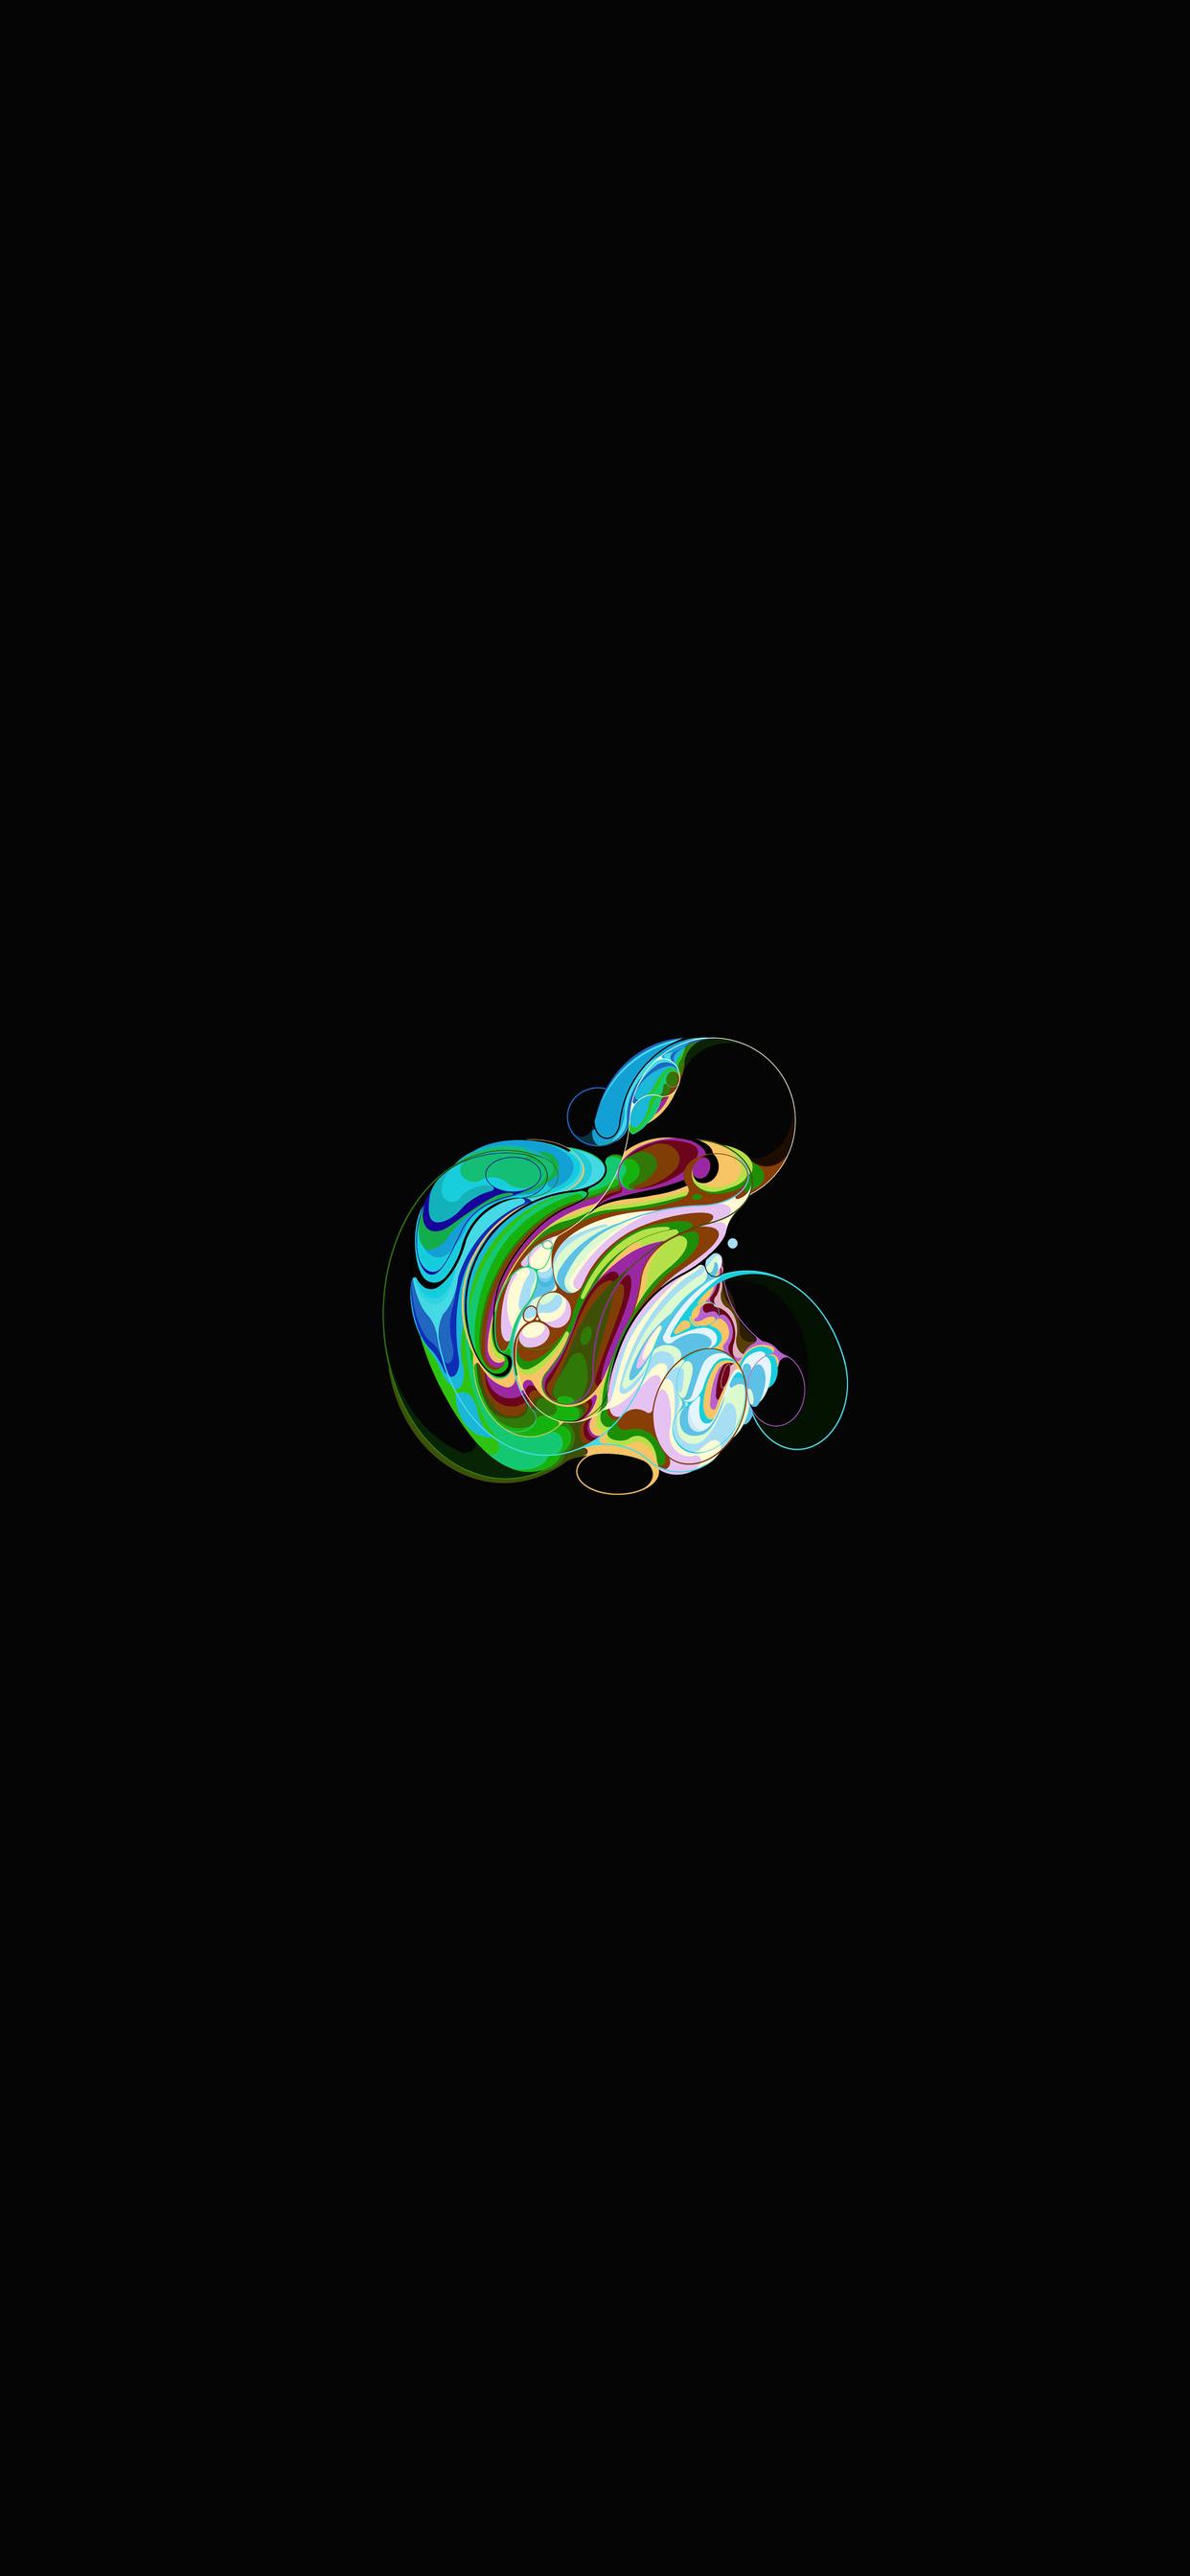 iPhone wallpaper apple logo 8 Fonds décran noirs avec le logo Apple en très haute résolution